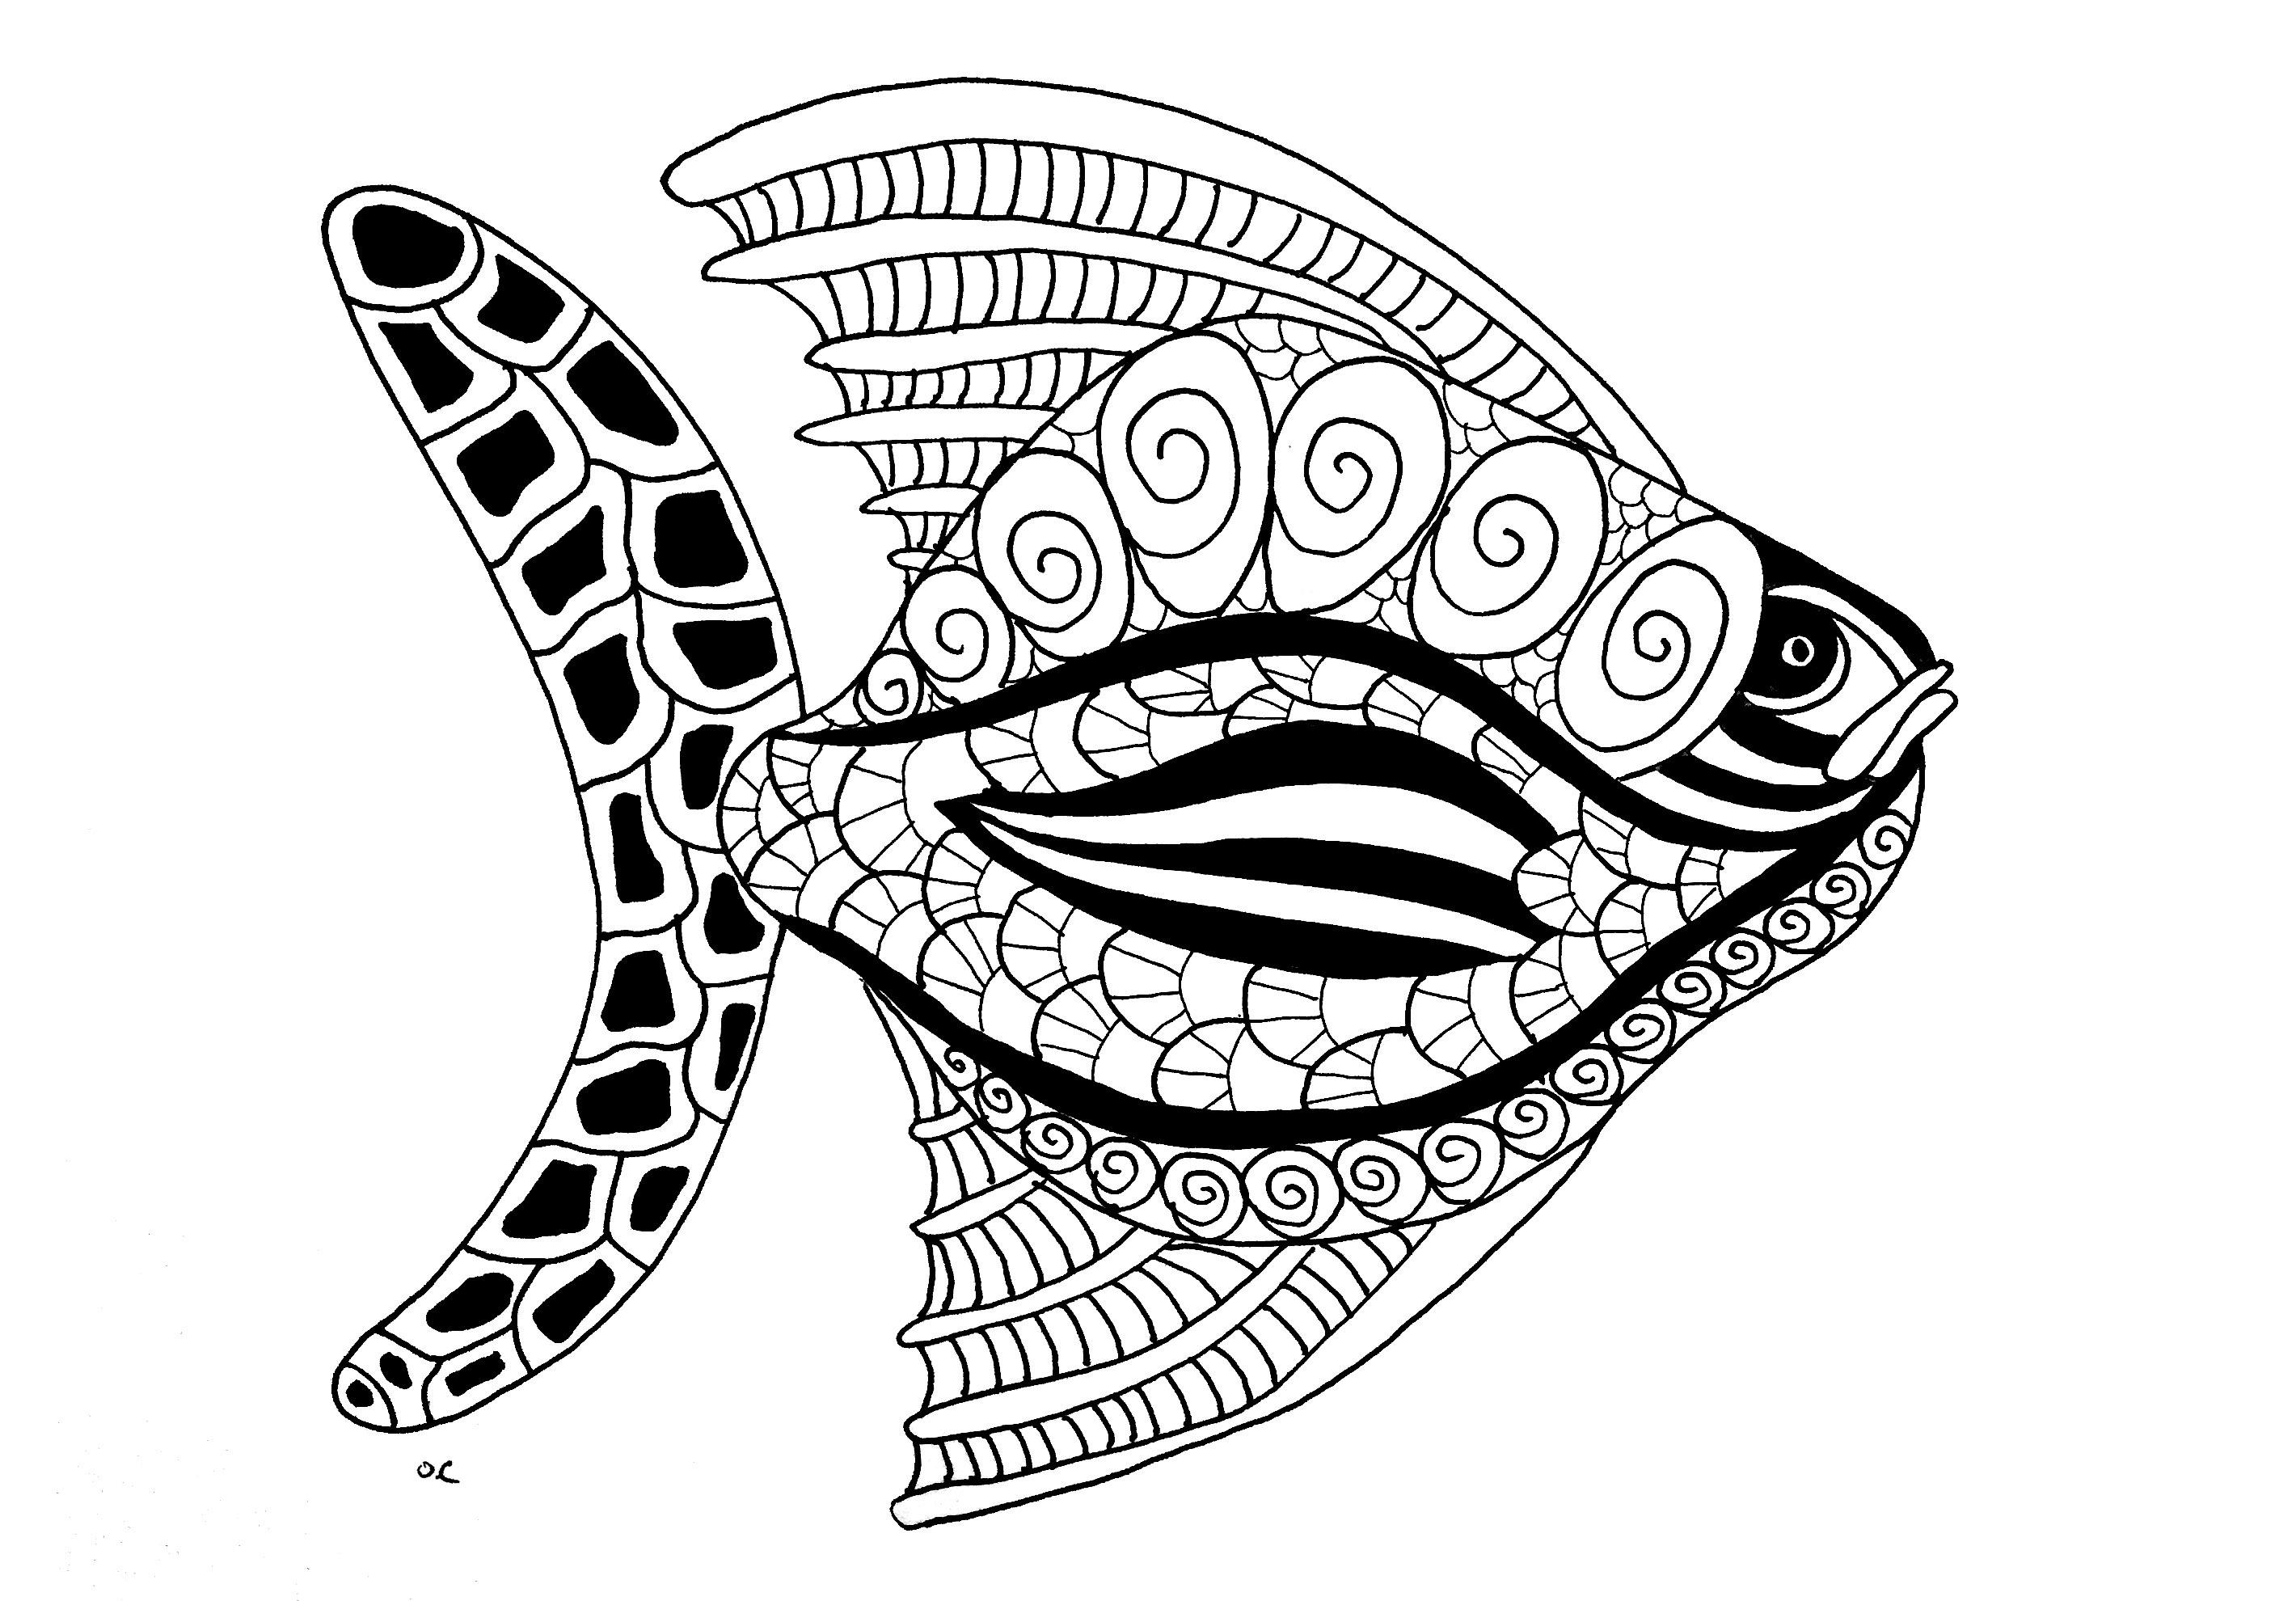 Poisson Zentangle Etape 2 Par Olivier | Blog - Coloriages encequiconcerne Image Poisson A Colorier